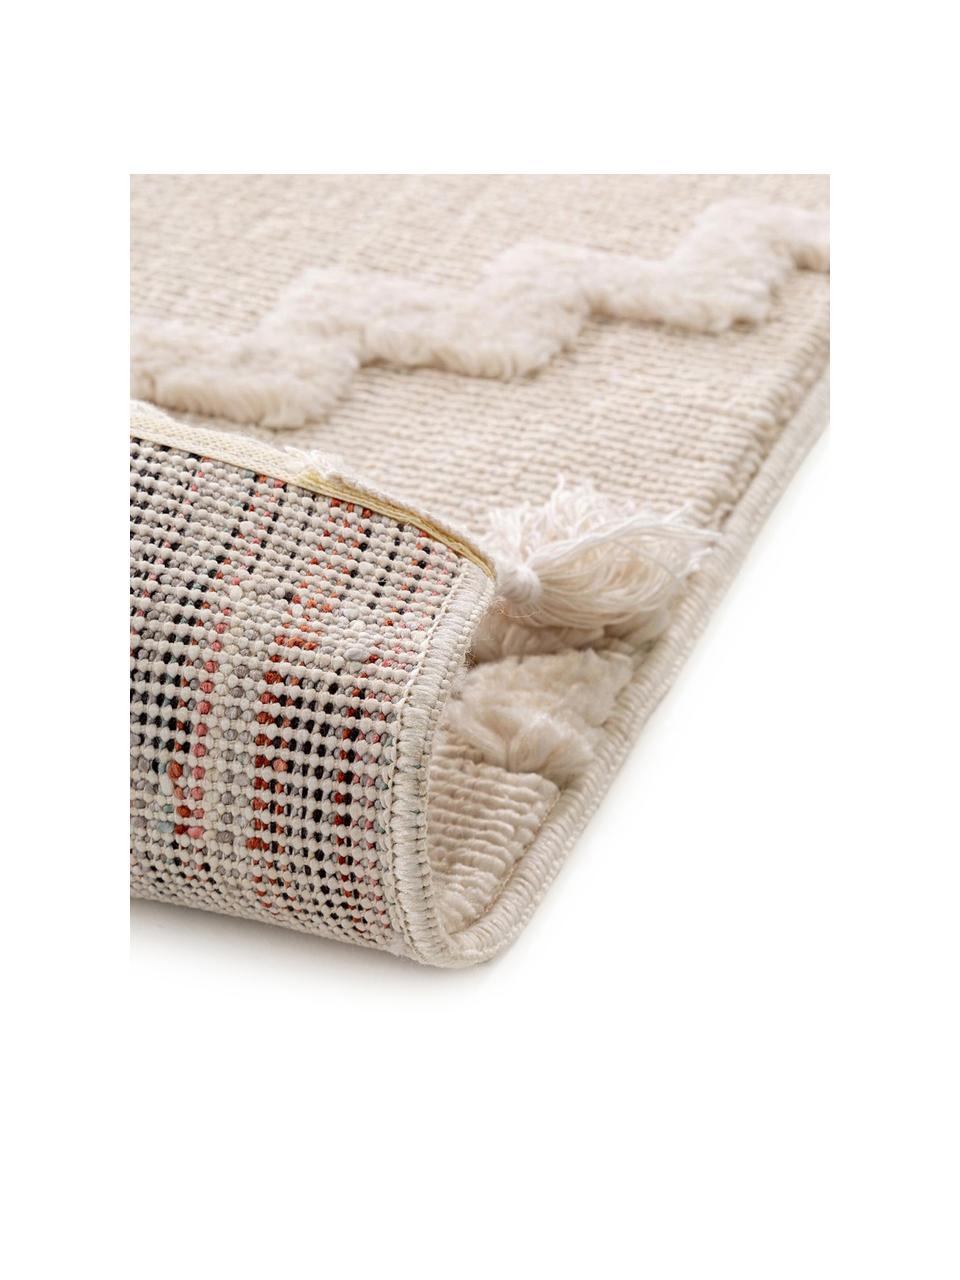 Vloerkleed Oyo in crèmekleur met hoog-laag patroon in boho stijl, Bovenzijde: polyester, Onderzijde: katoen, Crèmekleurig, B 160 x L 230 cm (maat M)